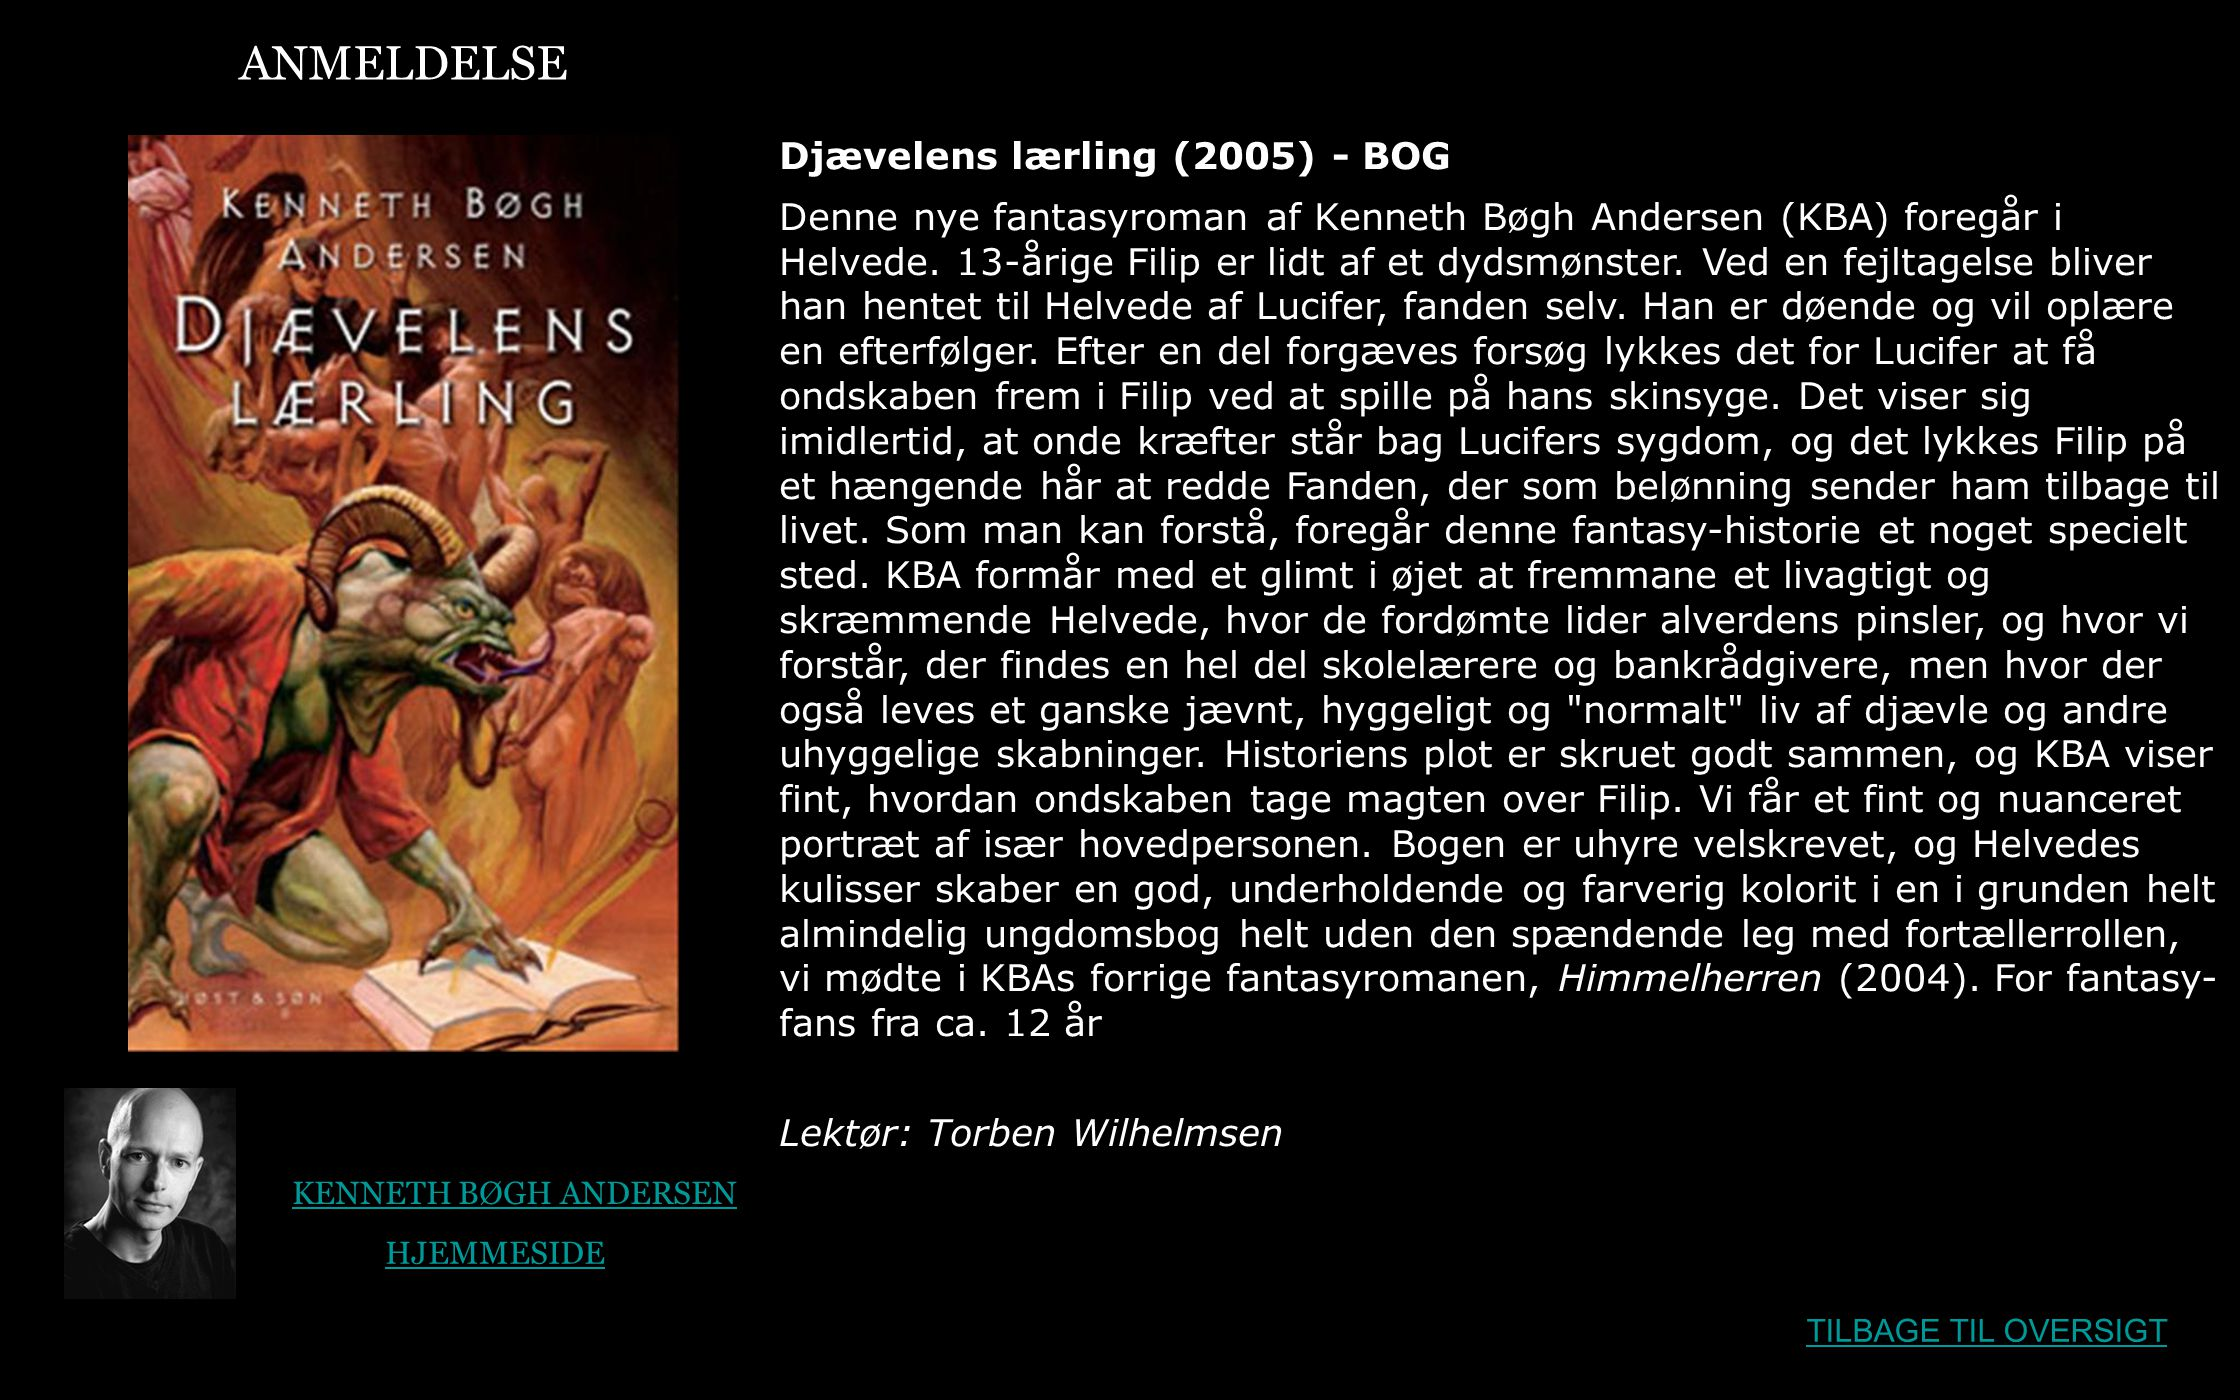 ANMELDELSE Djævelens lærling (2005) - BOG